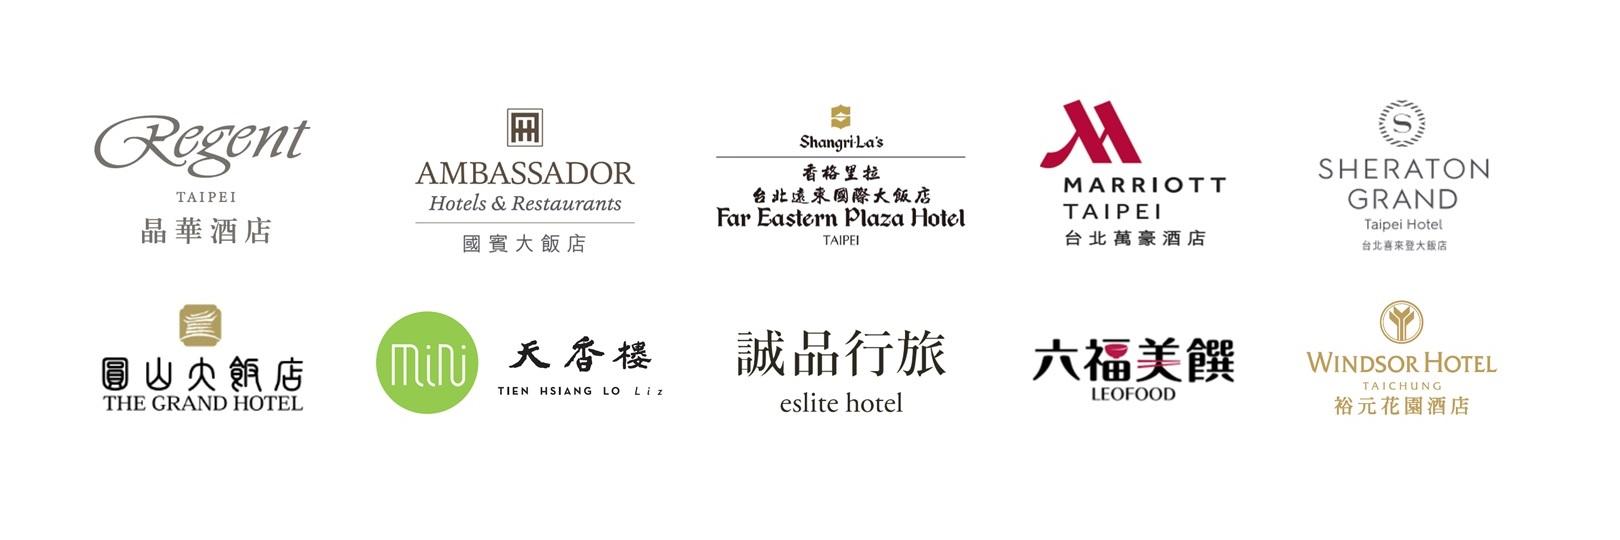 星級飯店牛肉麵大賞 饕客來票選